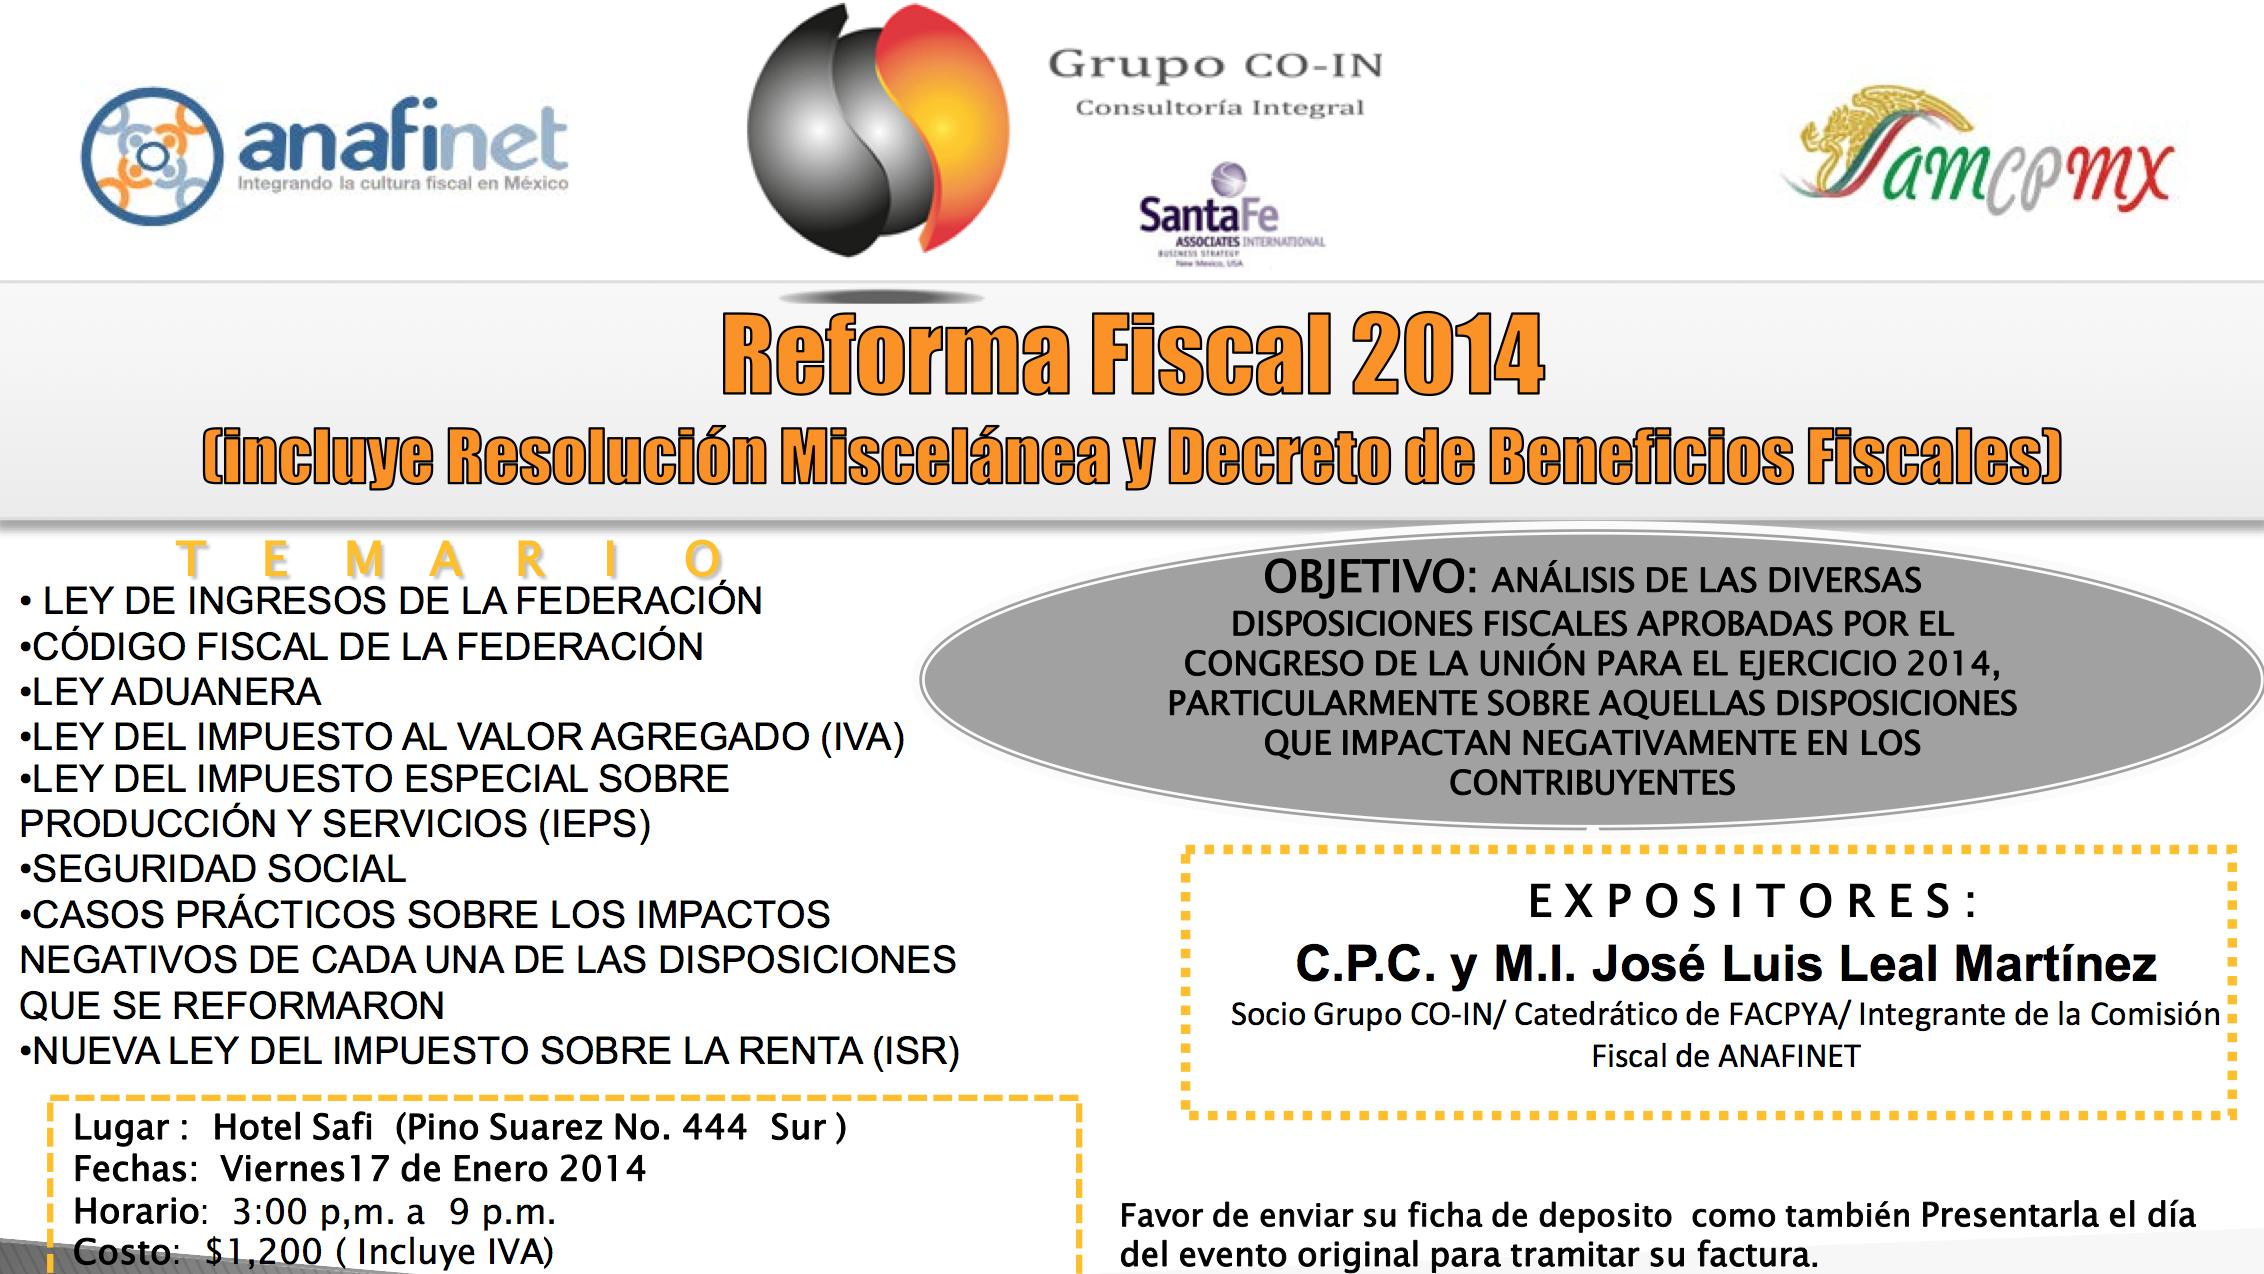 PROMO  Reforma fiscal 2014